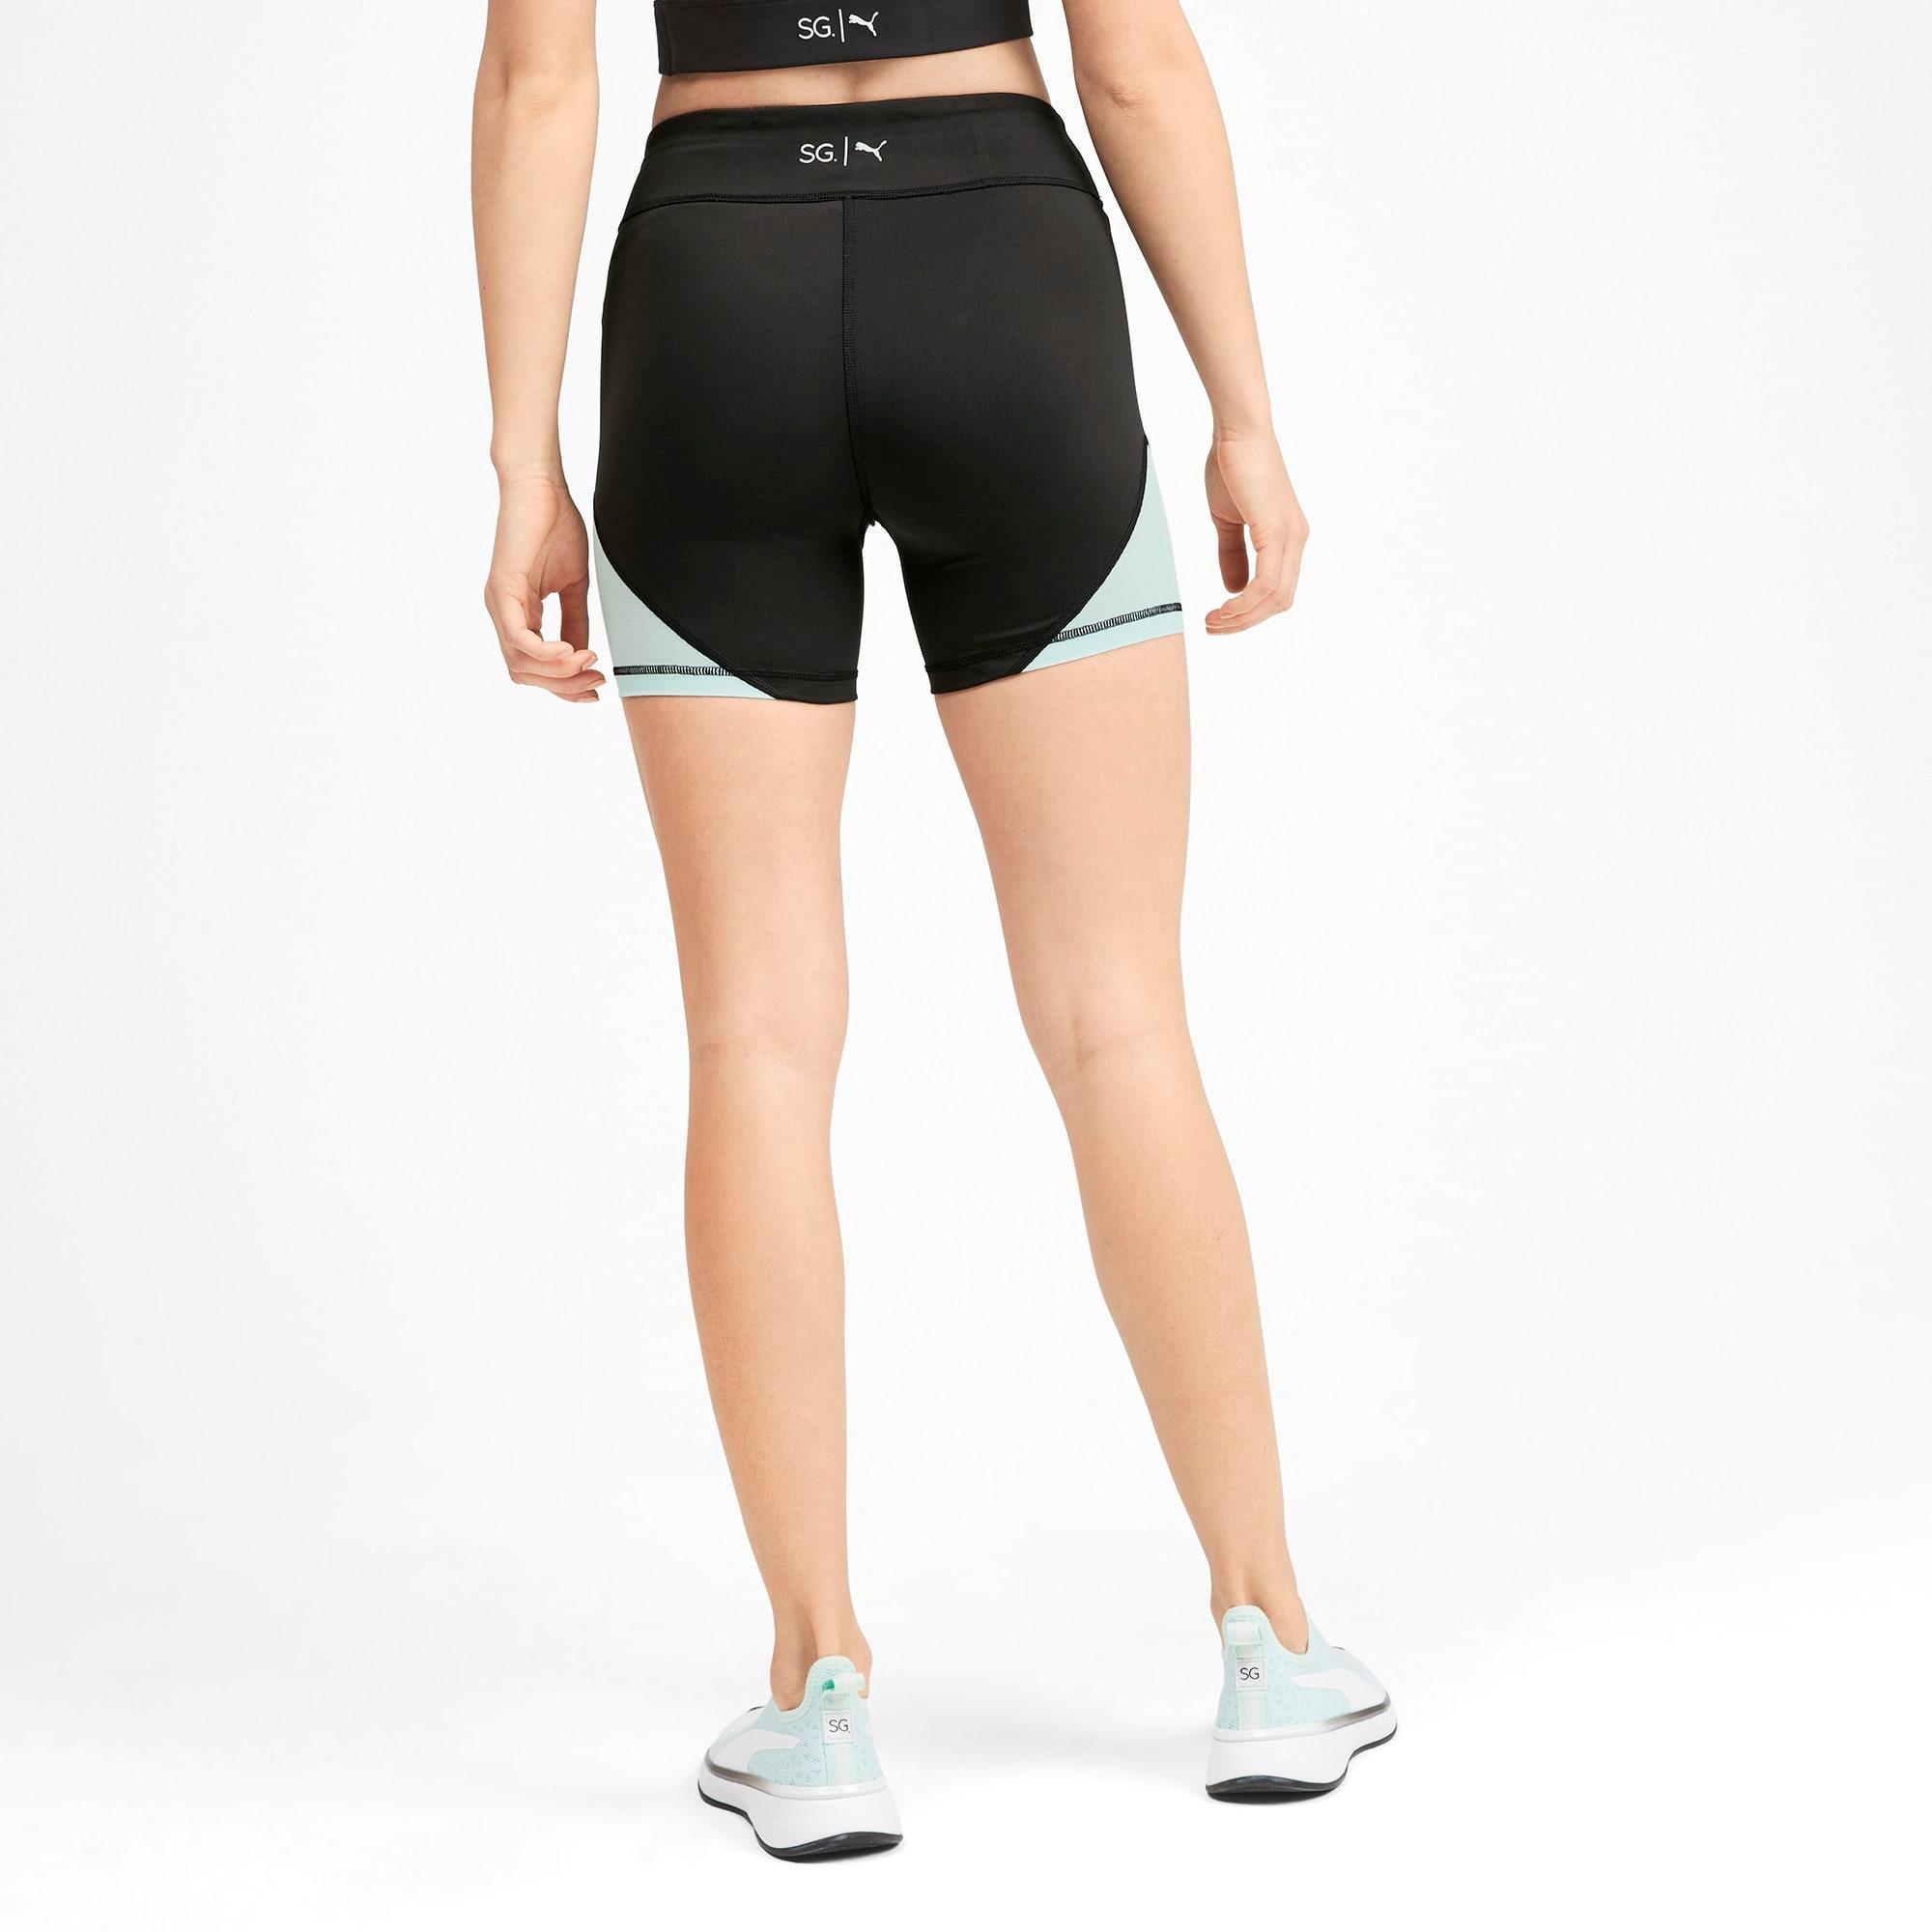 Thumbnail 2 of PUMA x SELENA GOMEZ Women's Short Tights, Puma Black-Fair Aqua, medium